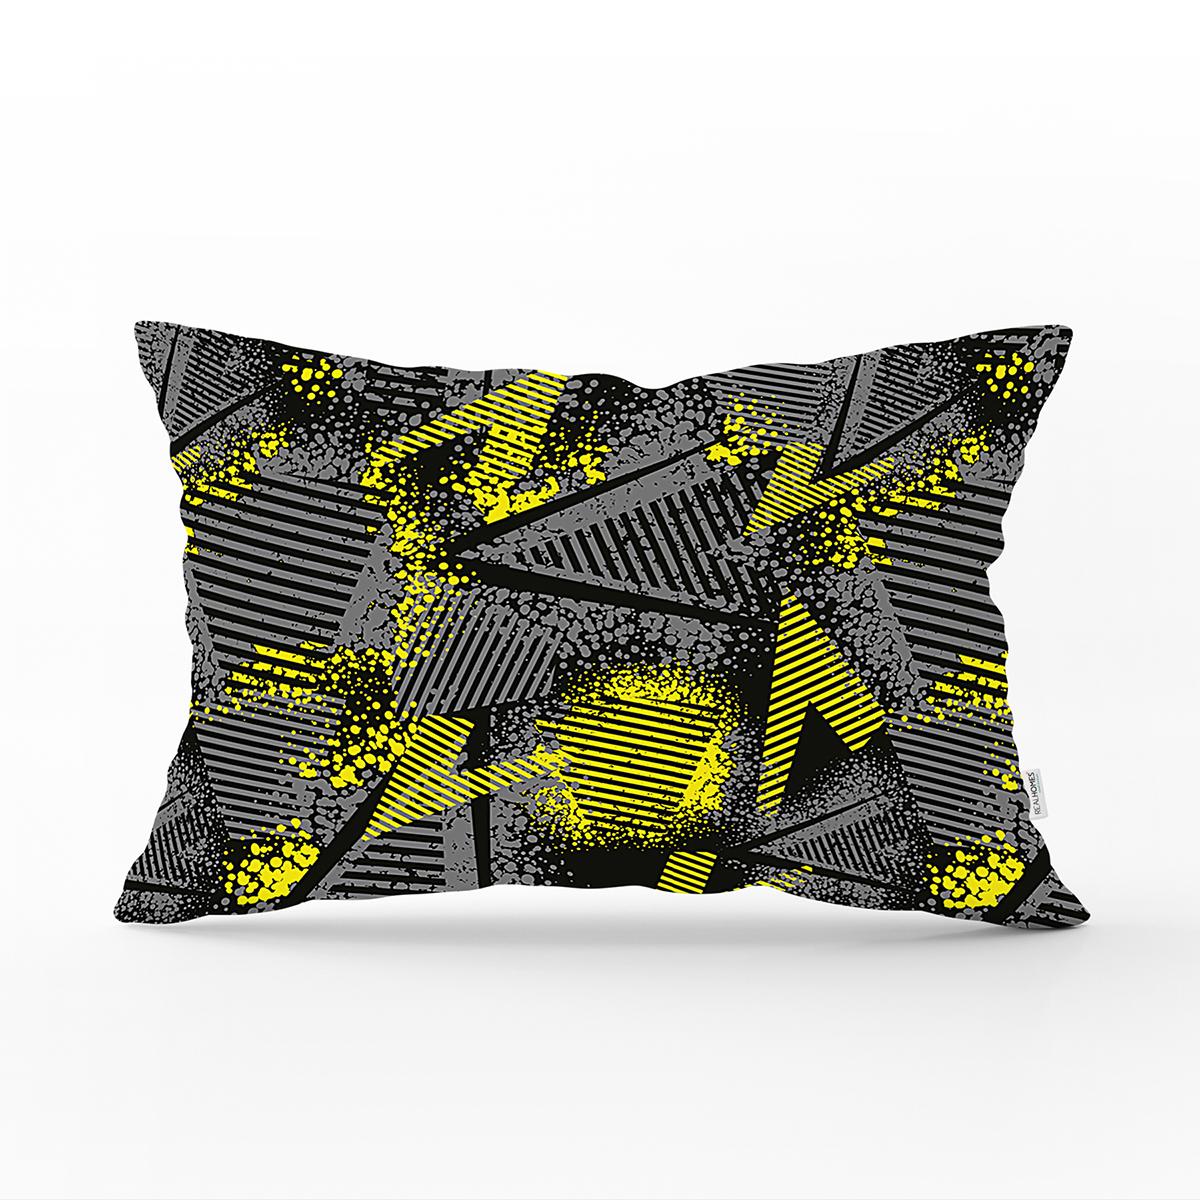 Siyah Zeminli Geometrik Desenli Dijital Baskılı Modern Dikdörtgen Yastık Kırlent Kılıfı Realhomes